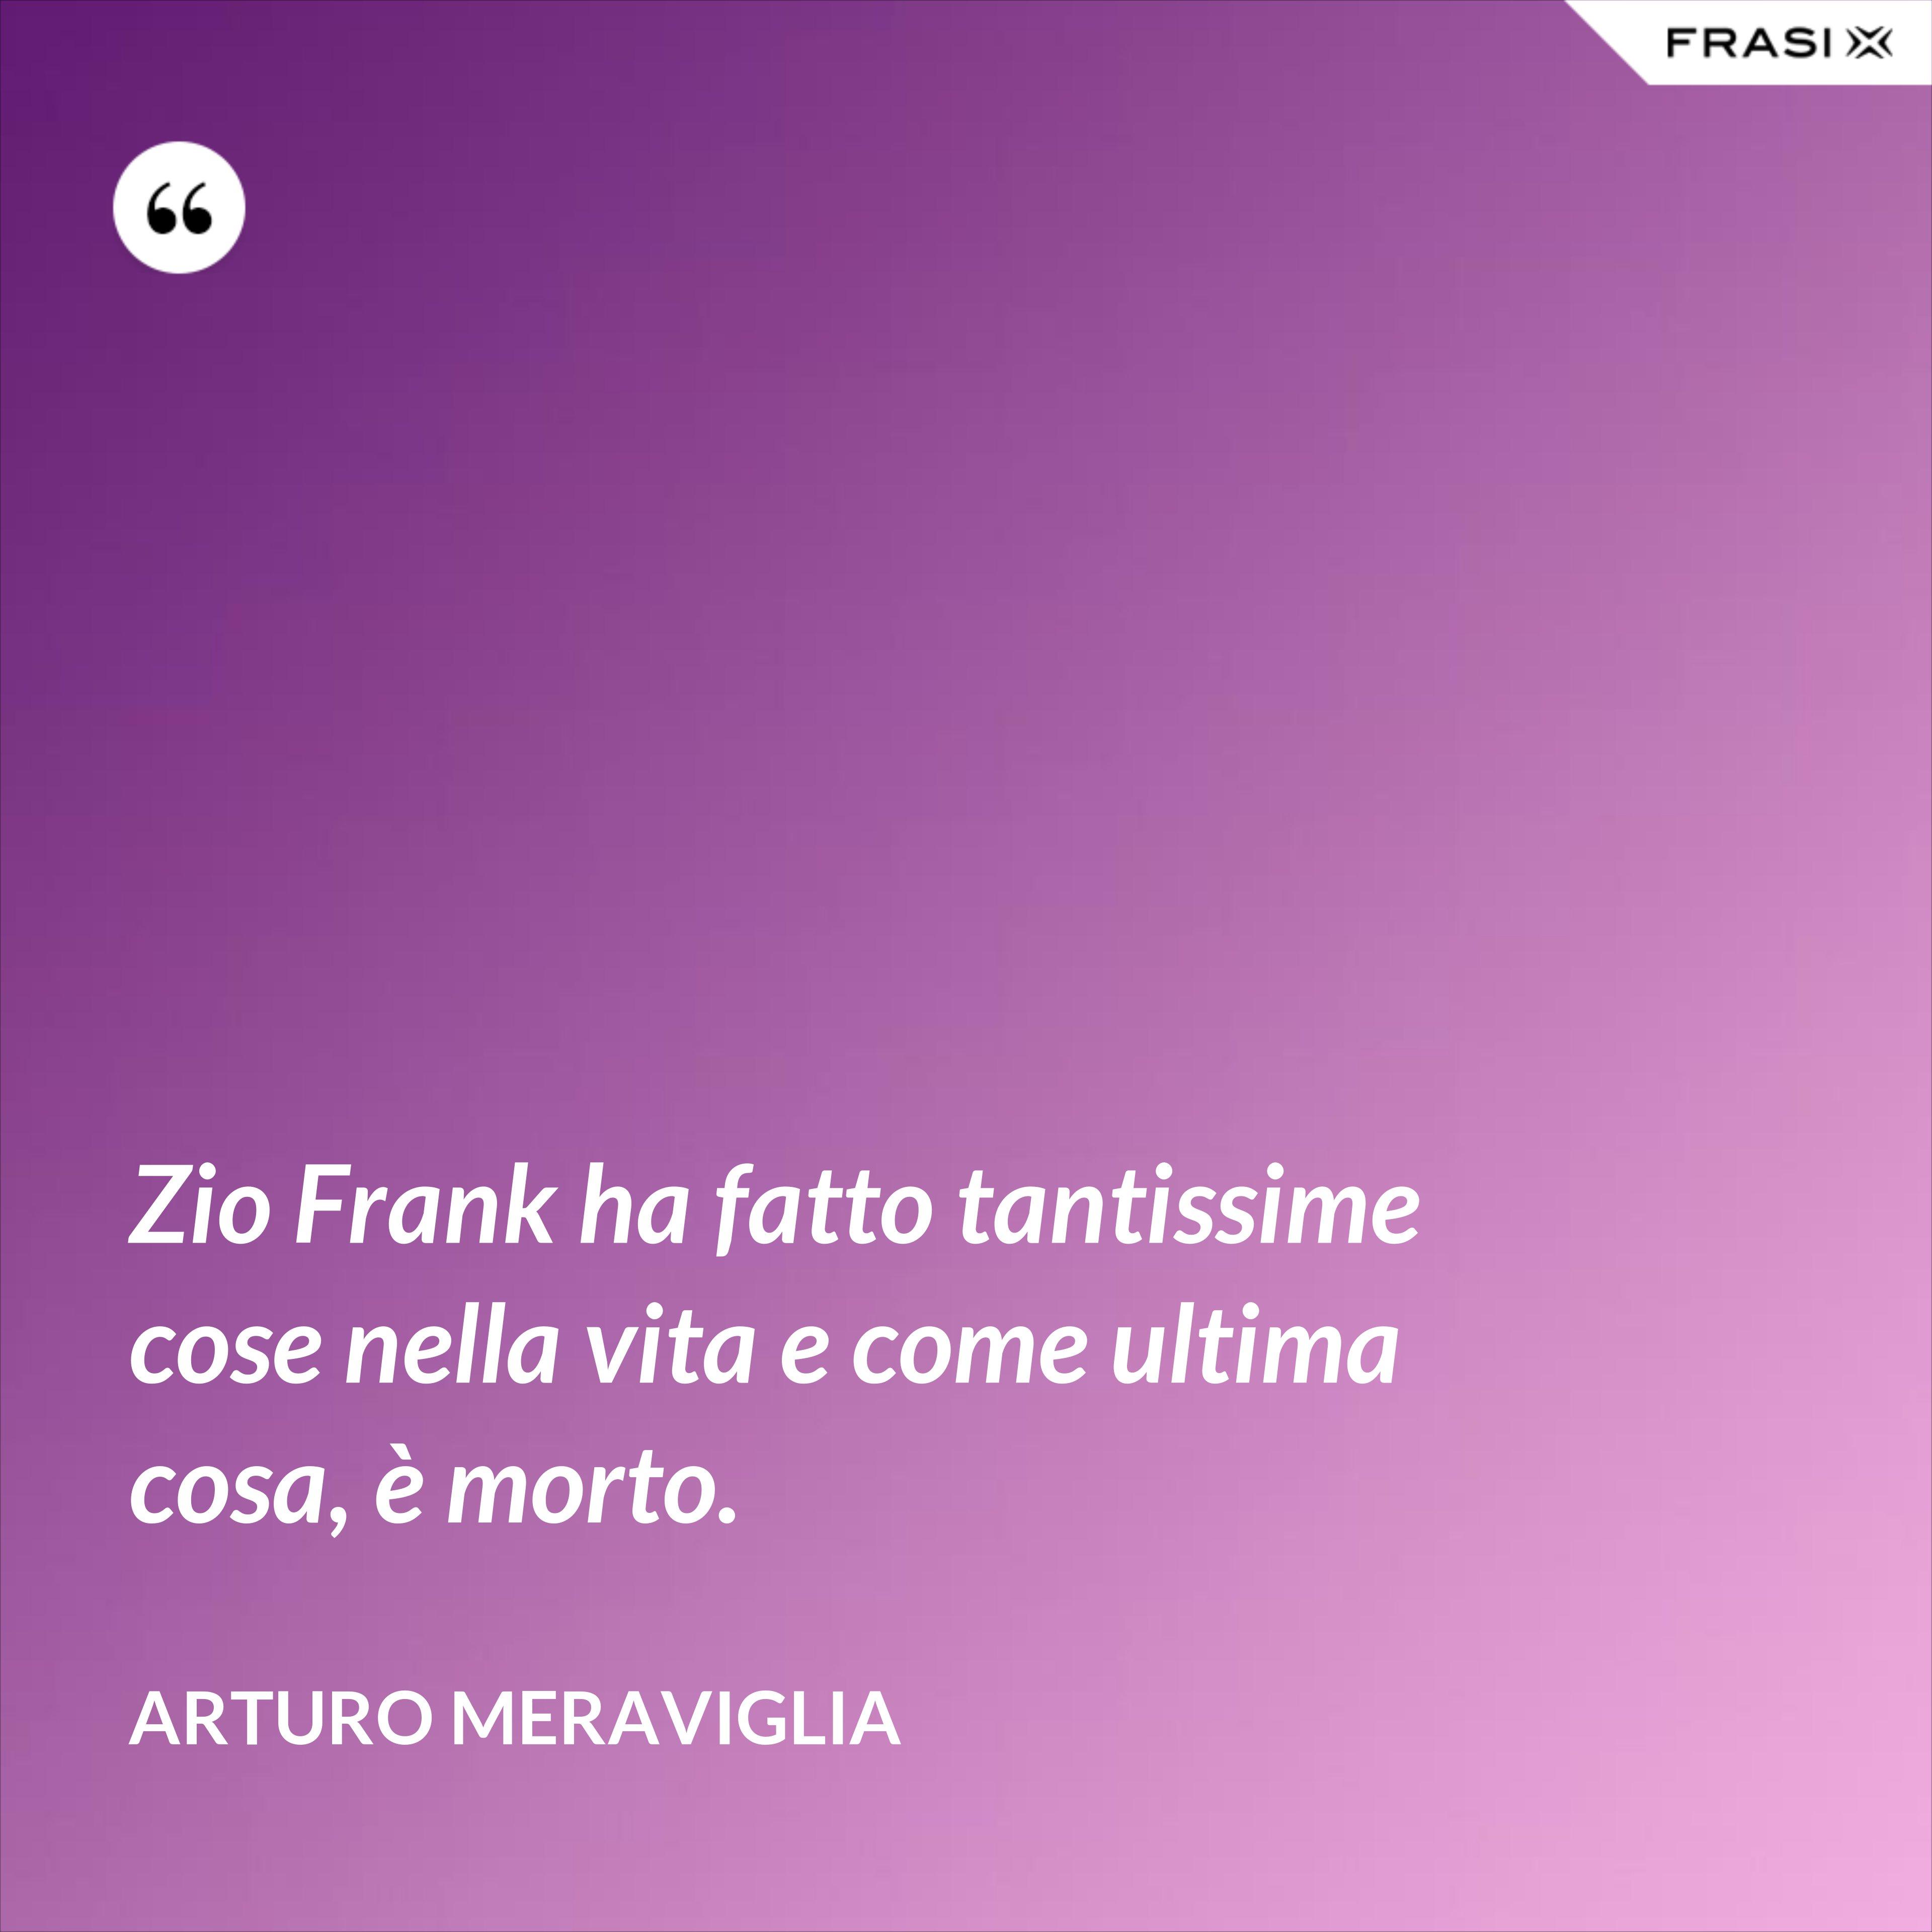 Zio Frank ha fatto tantissime cose nella vita e come ultima cosa, è morto. - Arturo Meraviglia